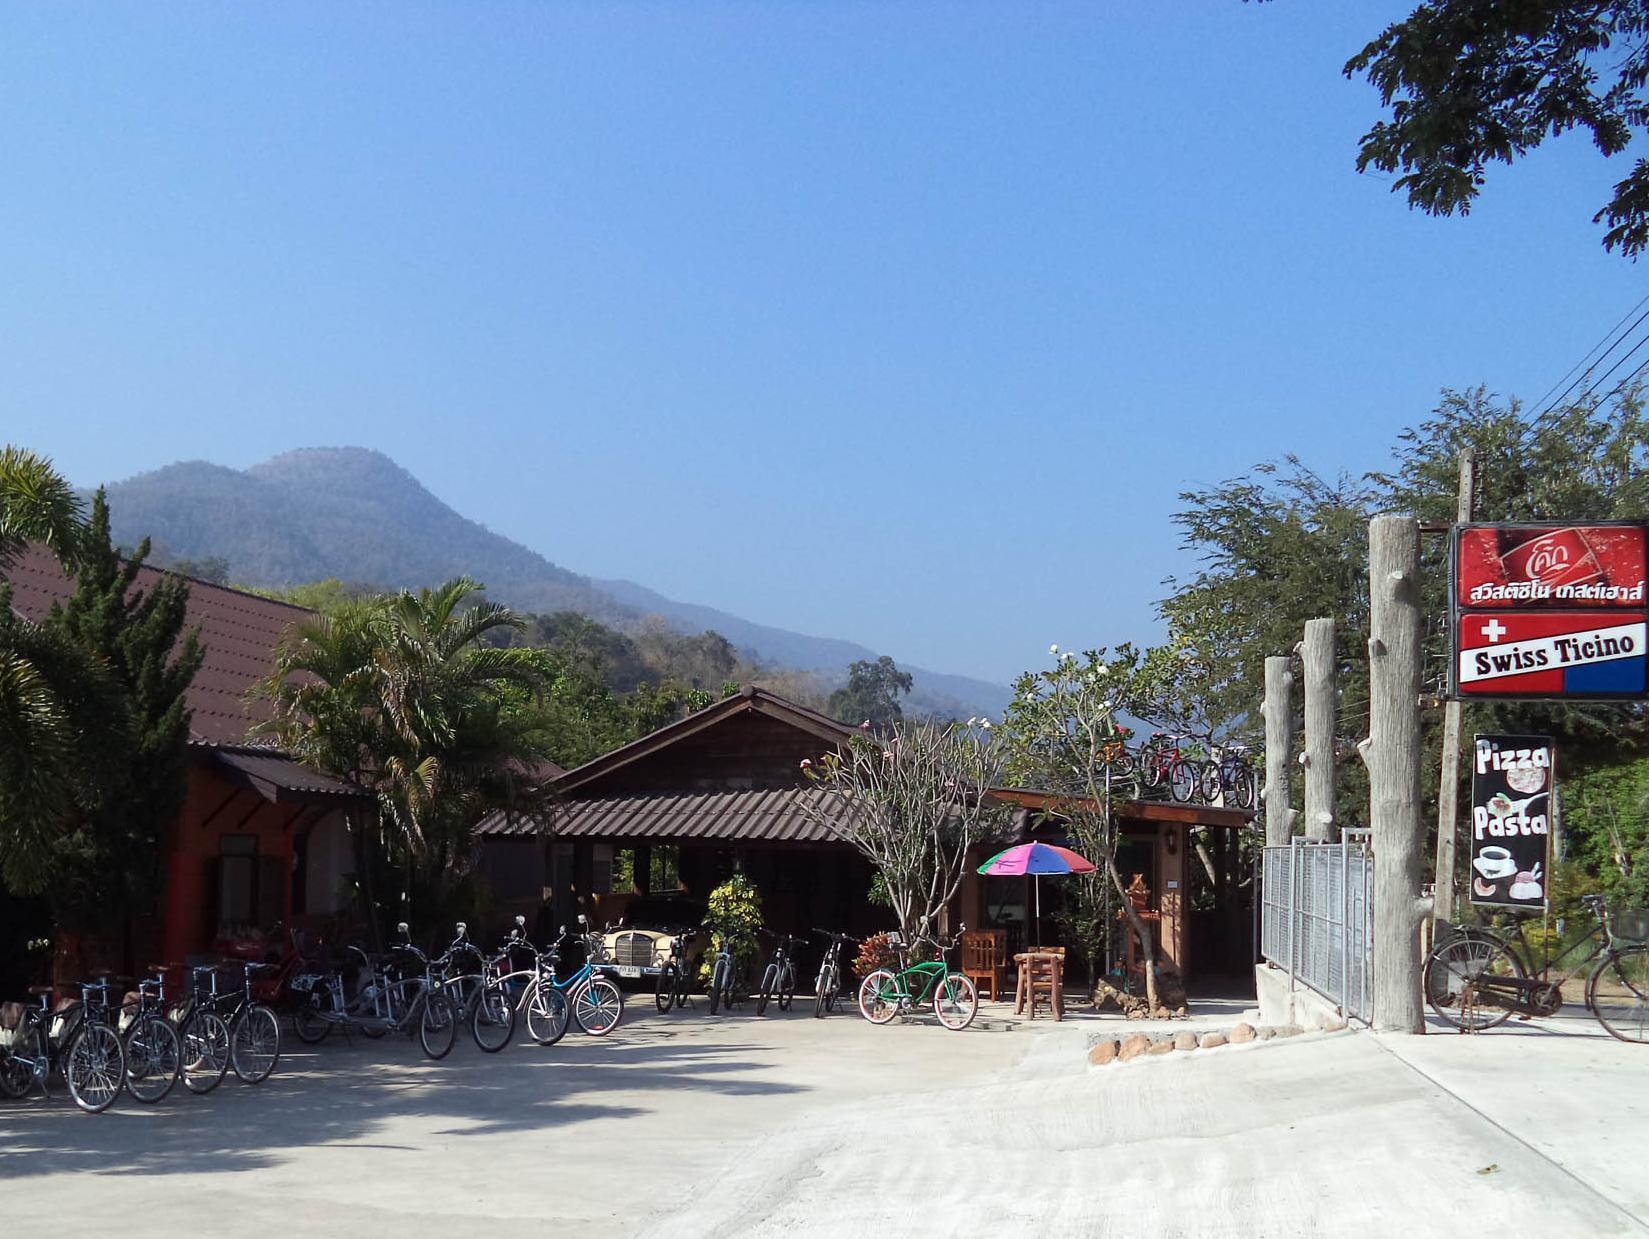 Hotell Swiss Ticino Guesthouse and Restaurant i , Chiang Mai. Klicka för att läsa mer och skicka bokningsförfrågan